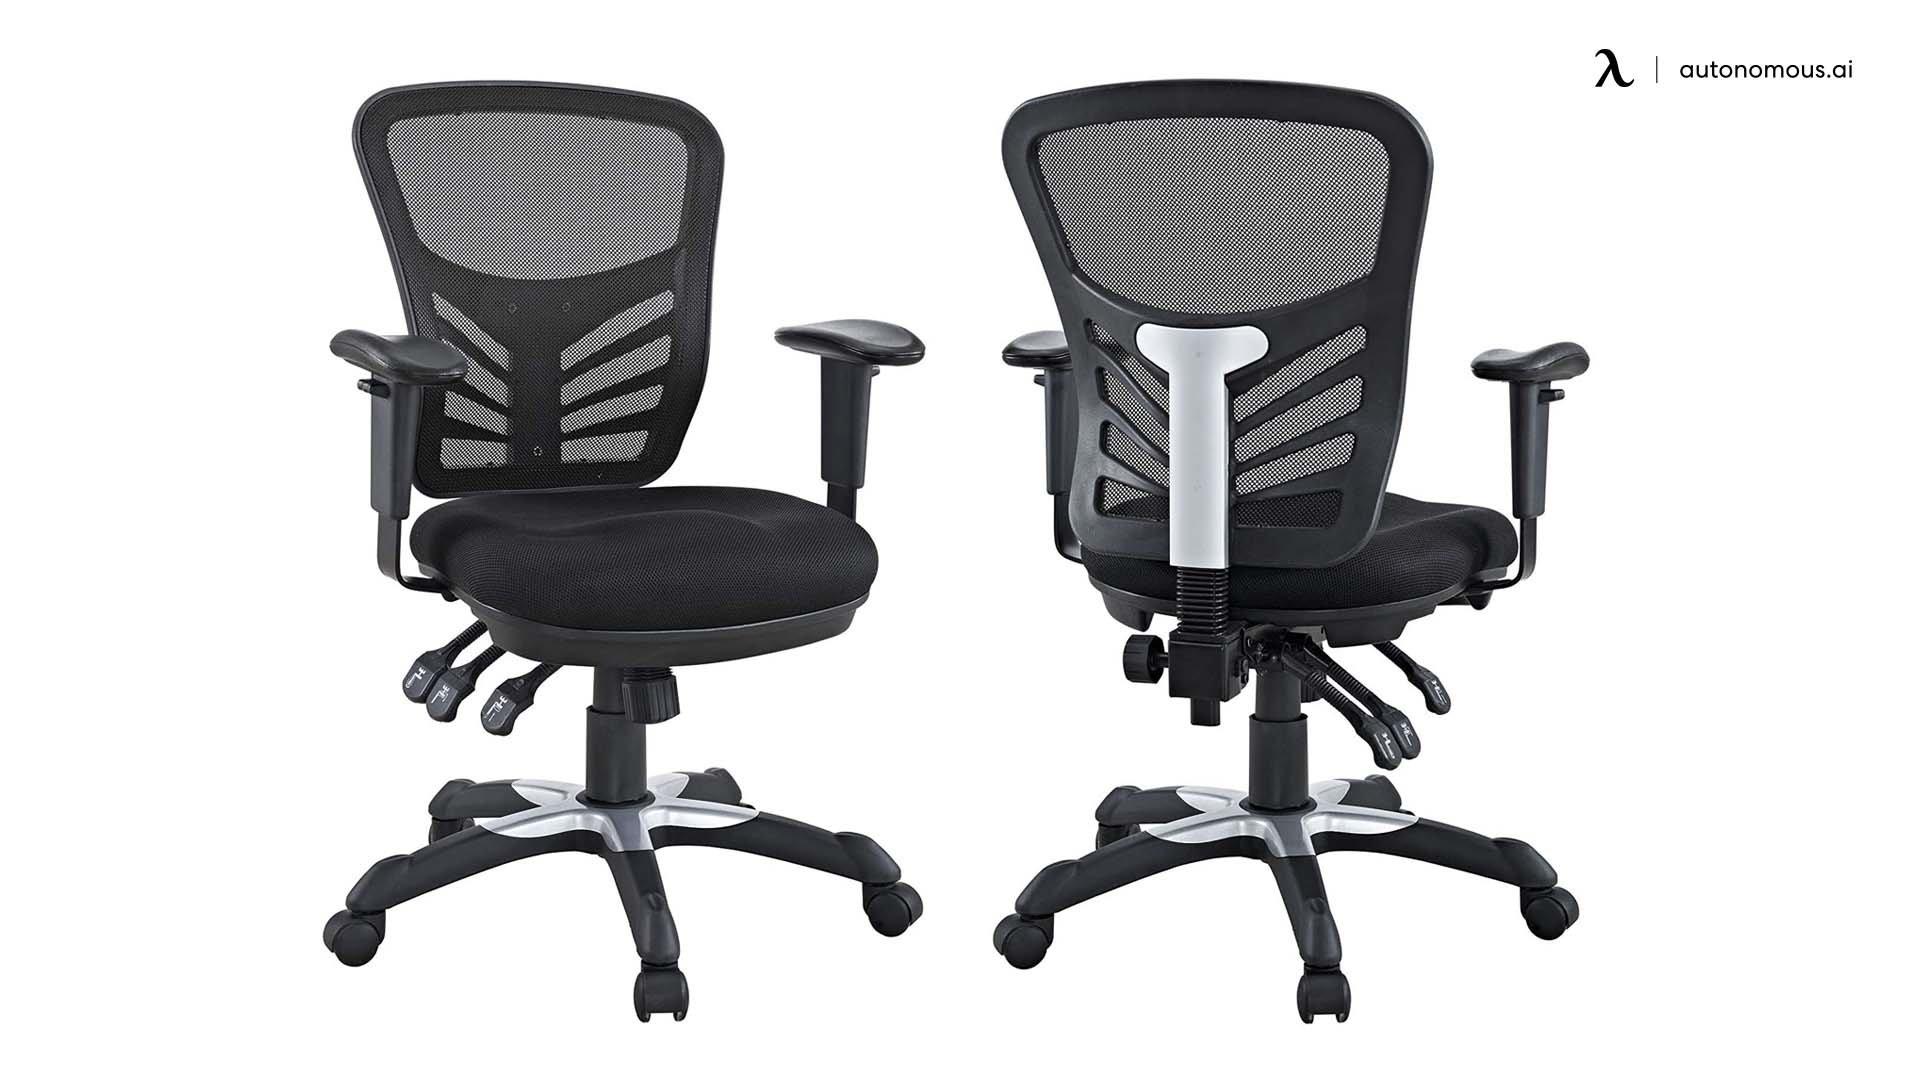 Modway Articulate Ergonomic Chair